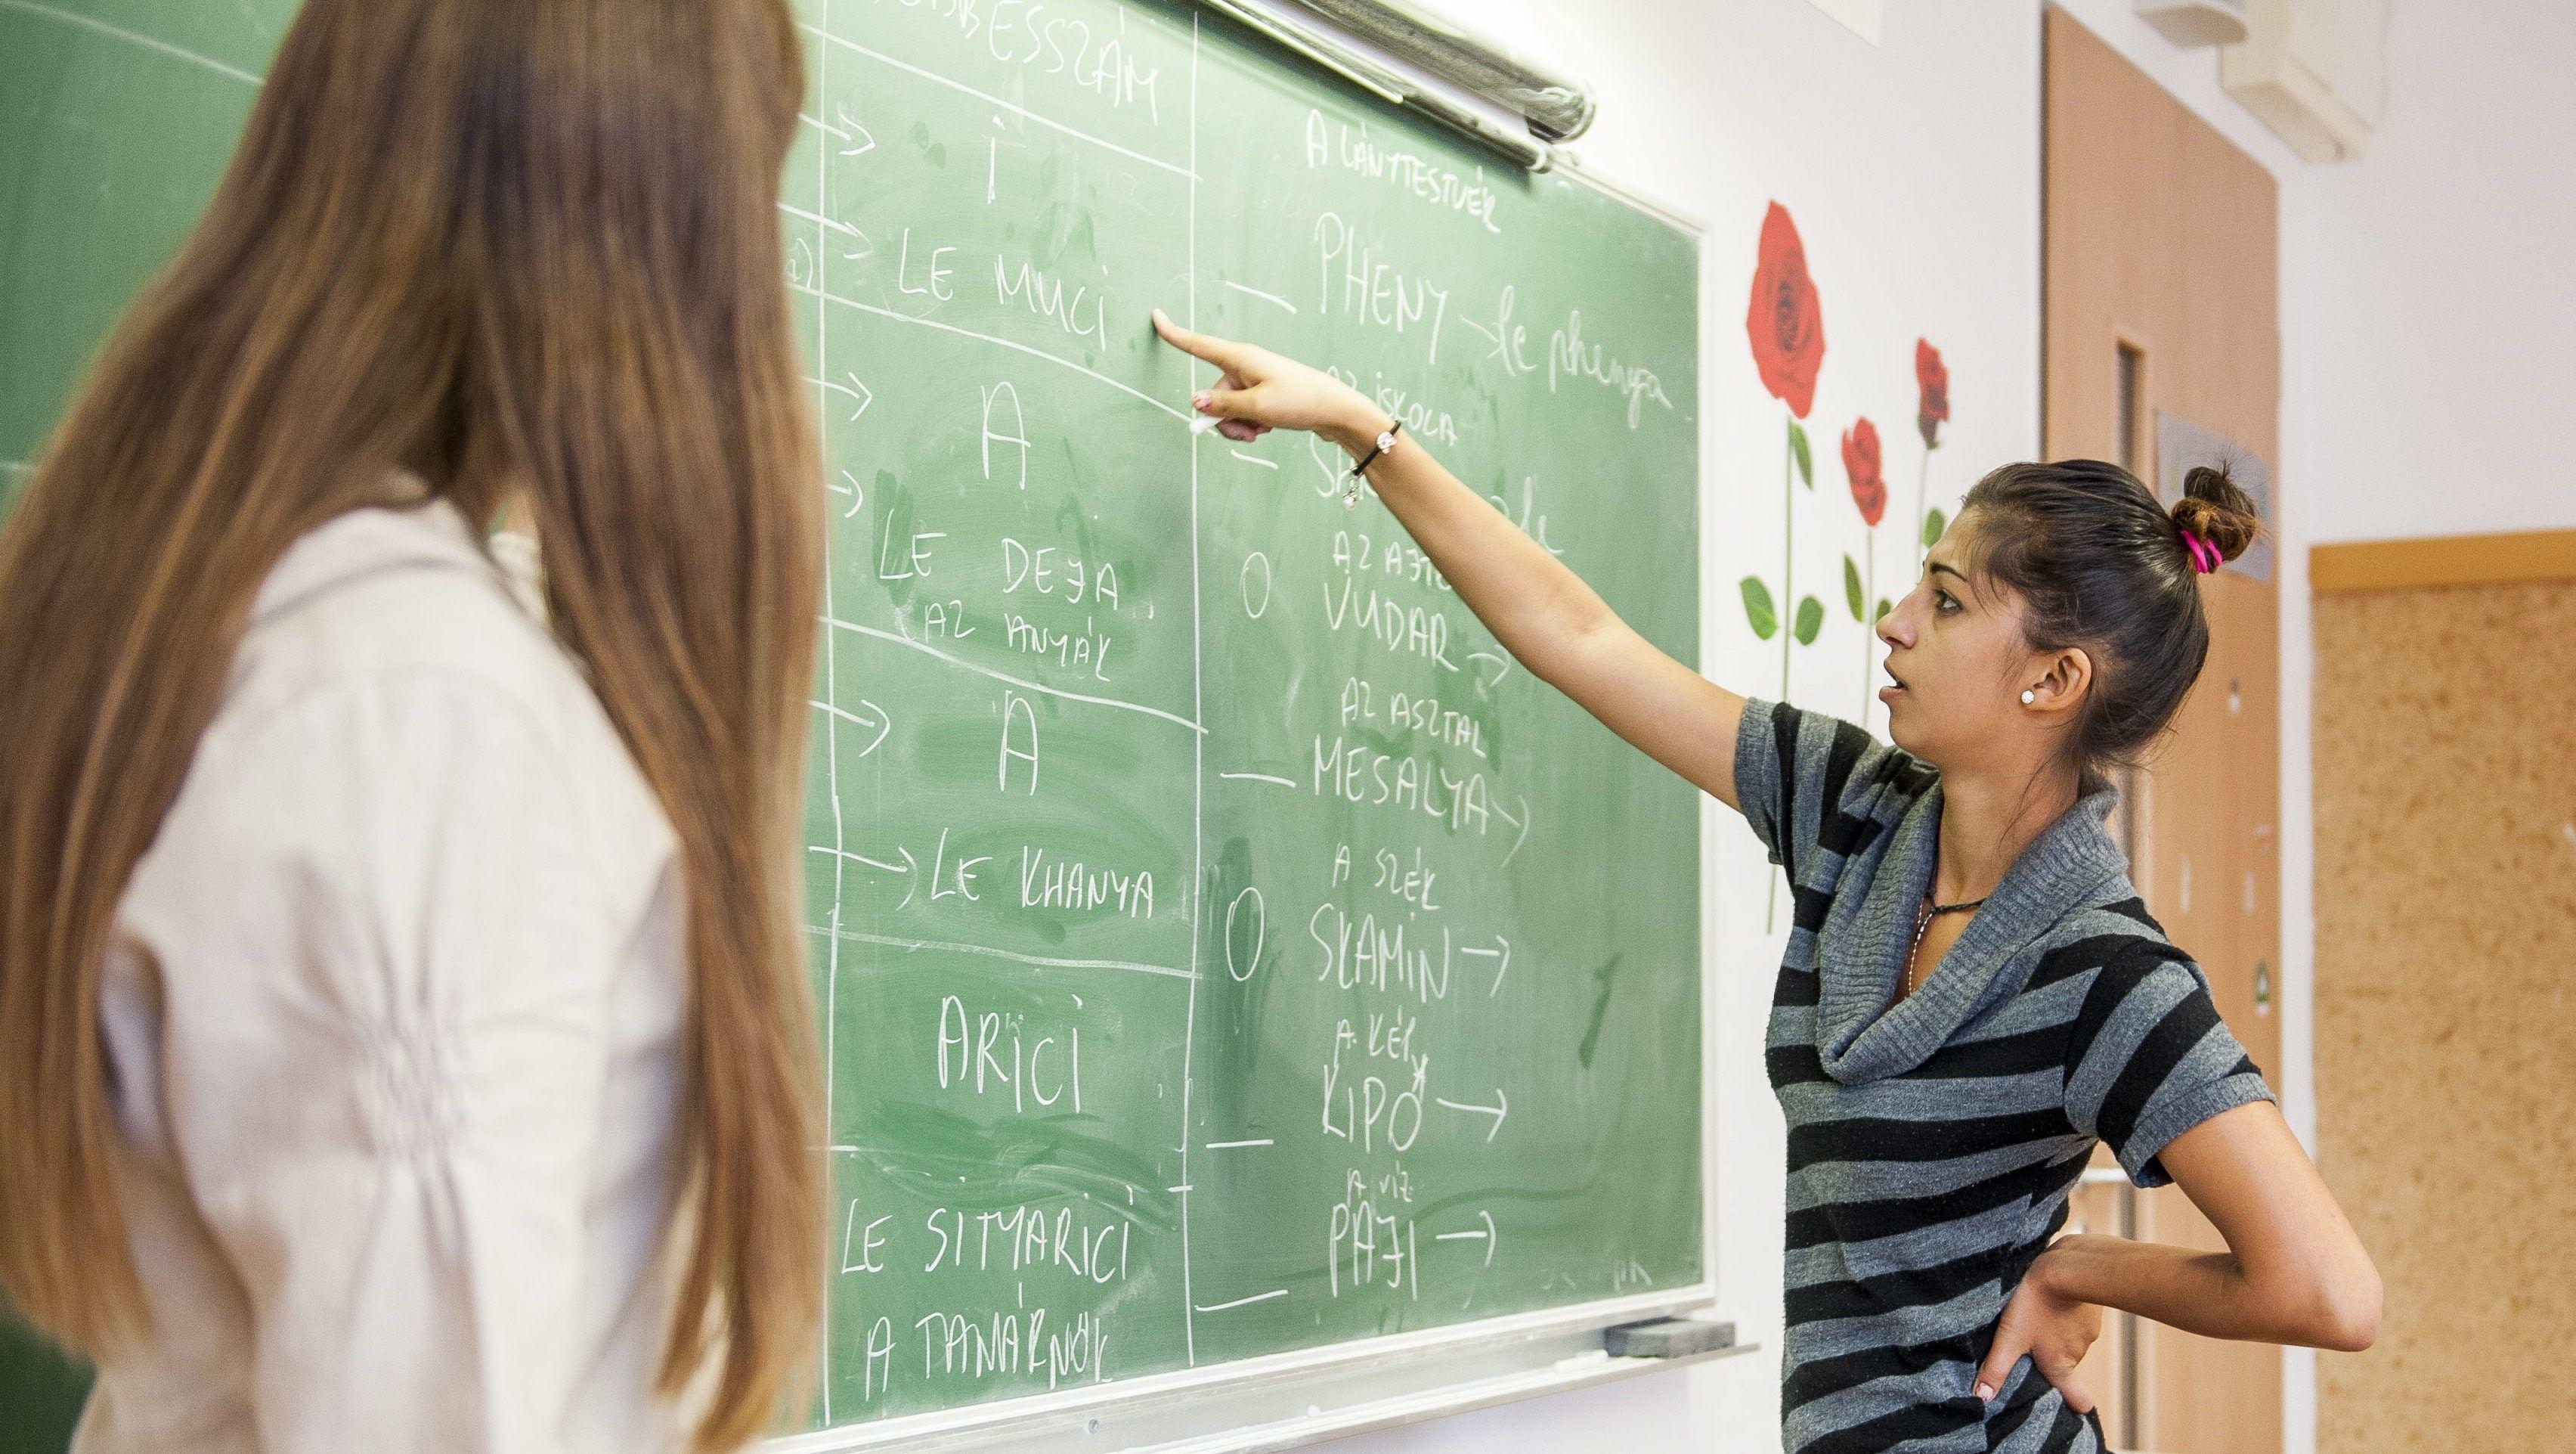 Negyven százalékkal is visszaeshet a felsőoktatásba felvettek aránya